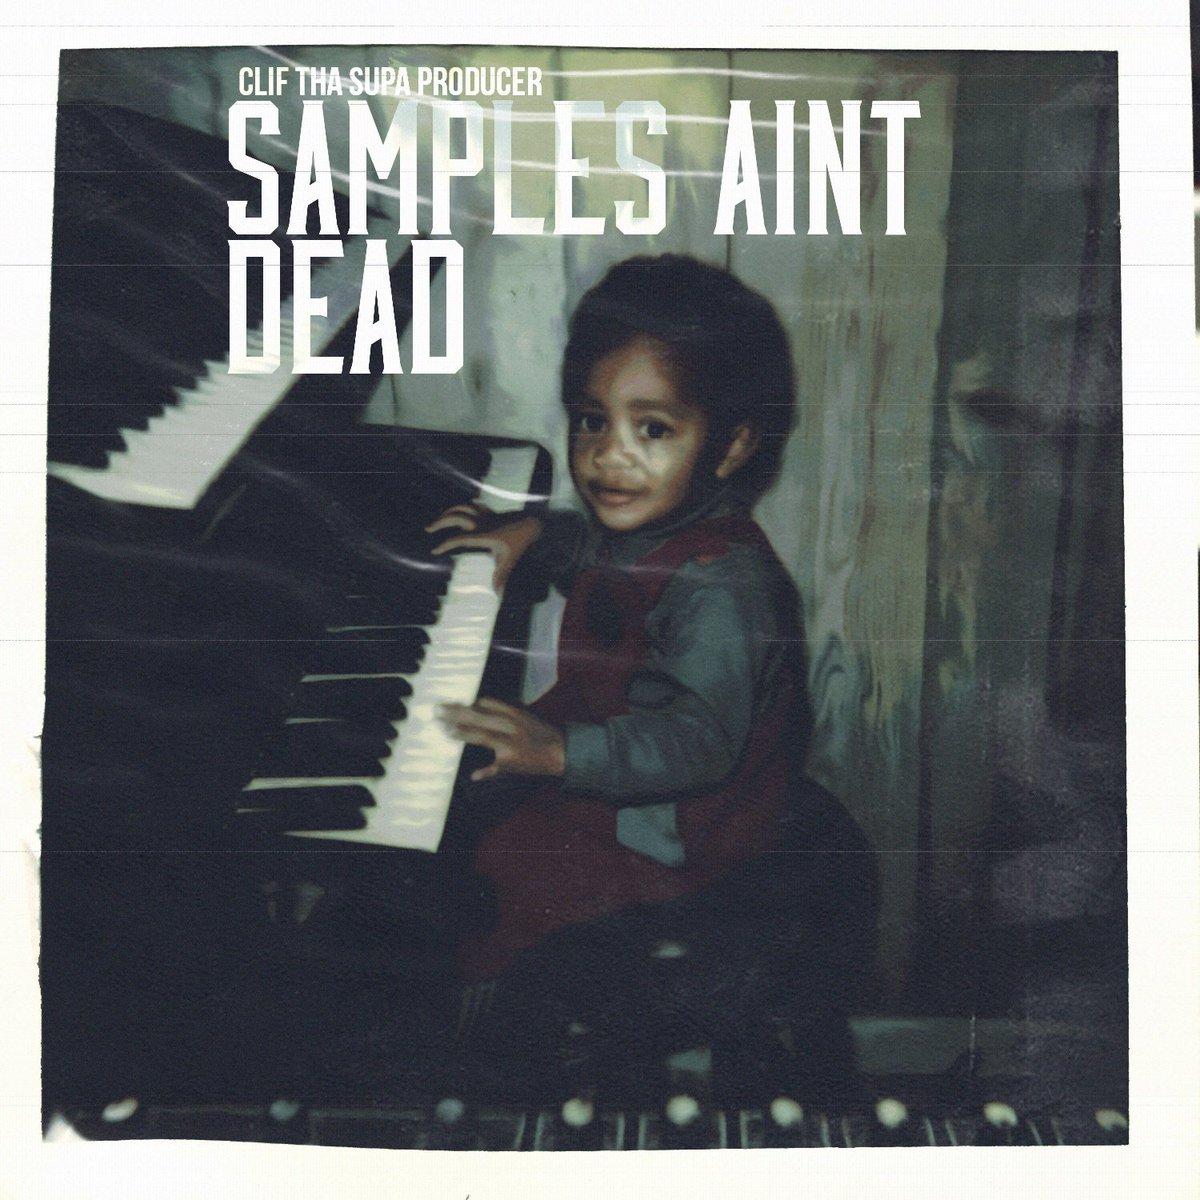 [Mixtape] Clif Tha Supa Producer - Samples Ain't Dead :: #GetItLIVE! http://livemixtap.es/x0d @LiveMixtapes